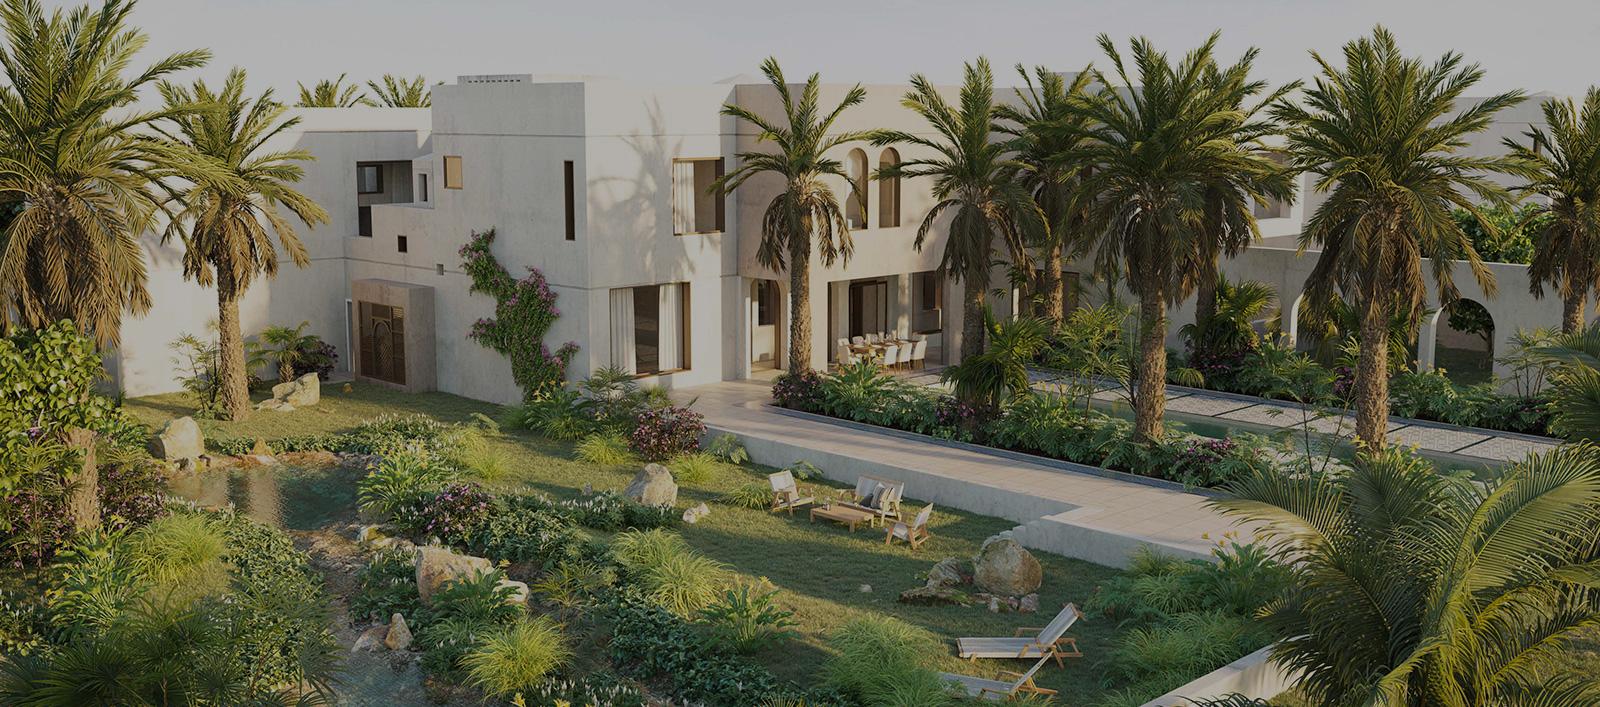 joud villas at aljurf gardens